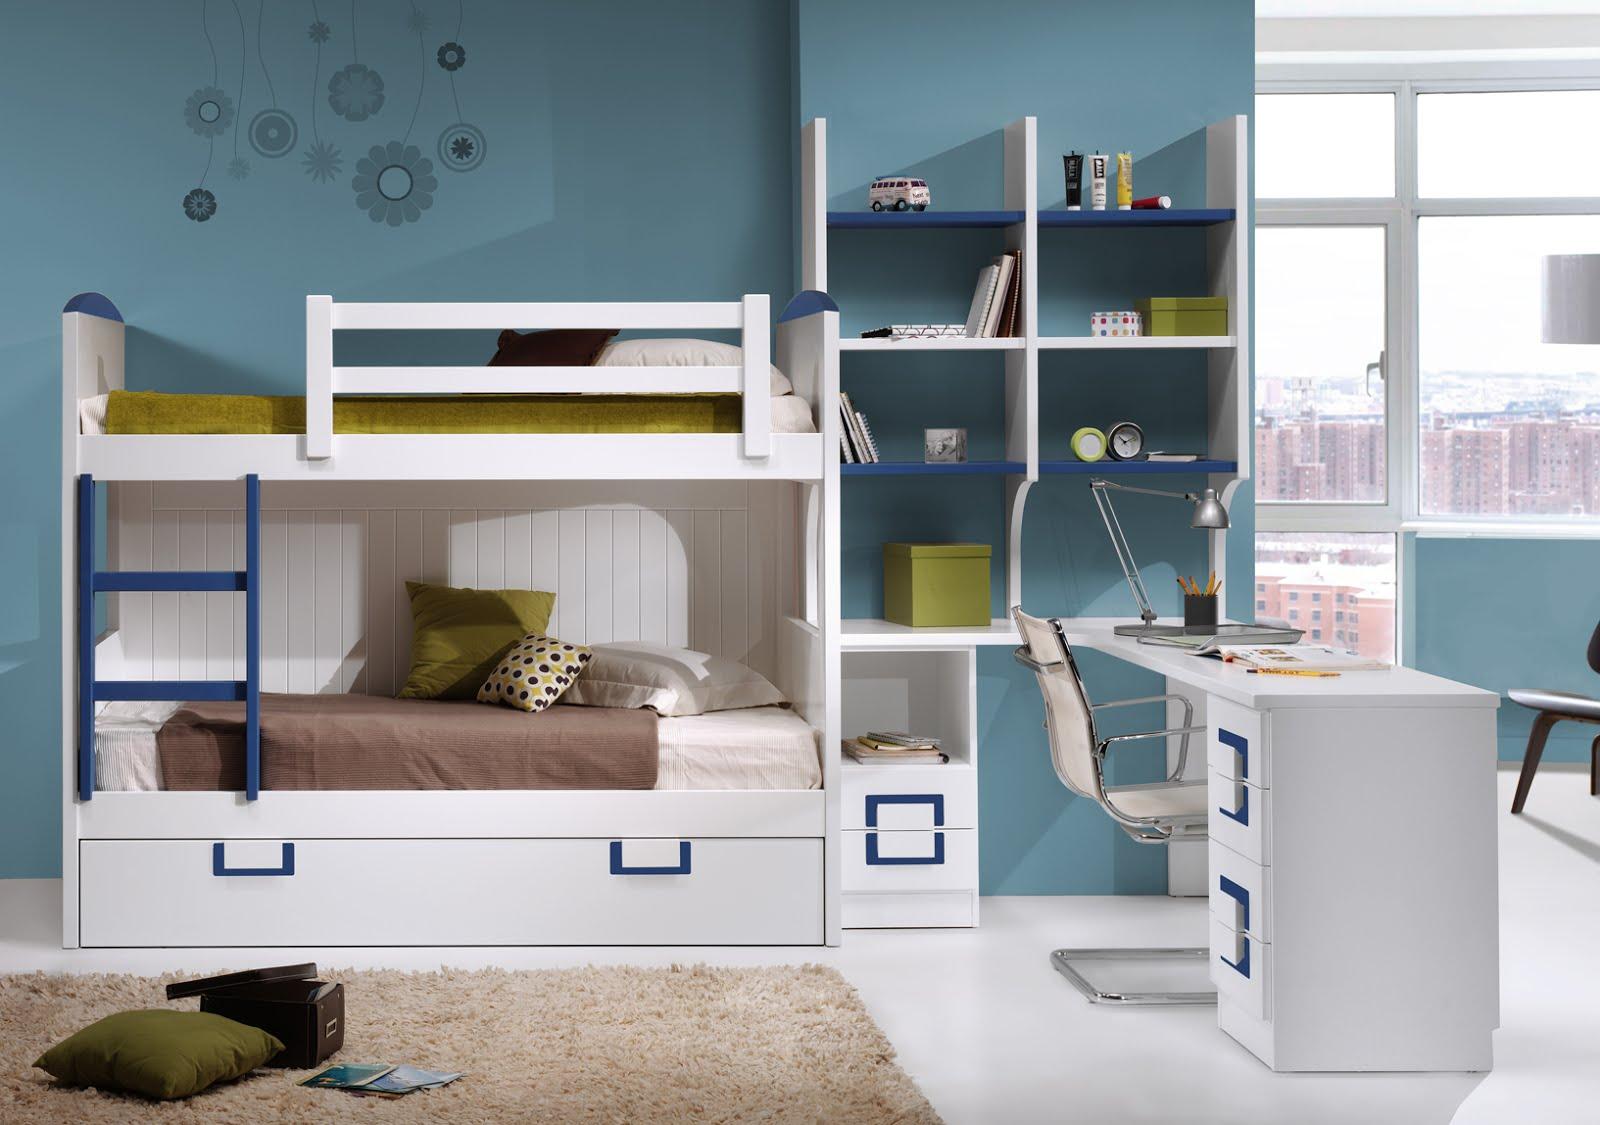 Litera con 3 camas trilitera lacada en blanco - Dormitorios juveniles segunda mano madrid ...